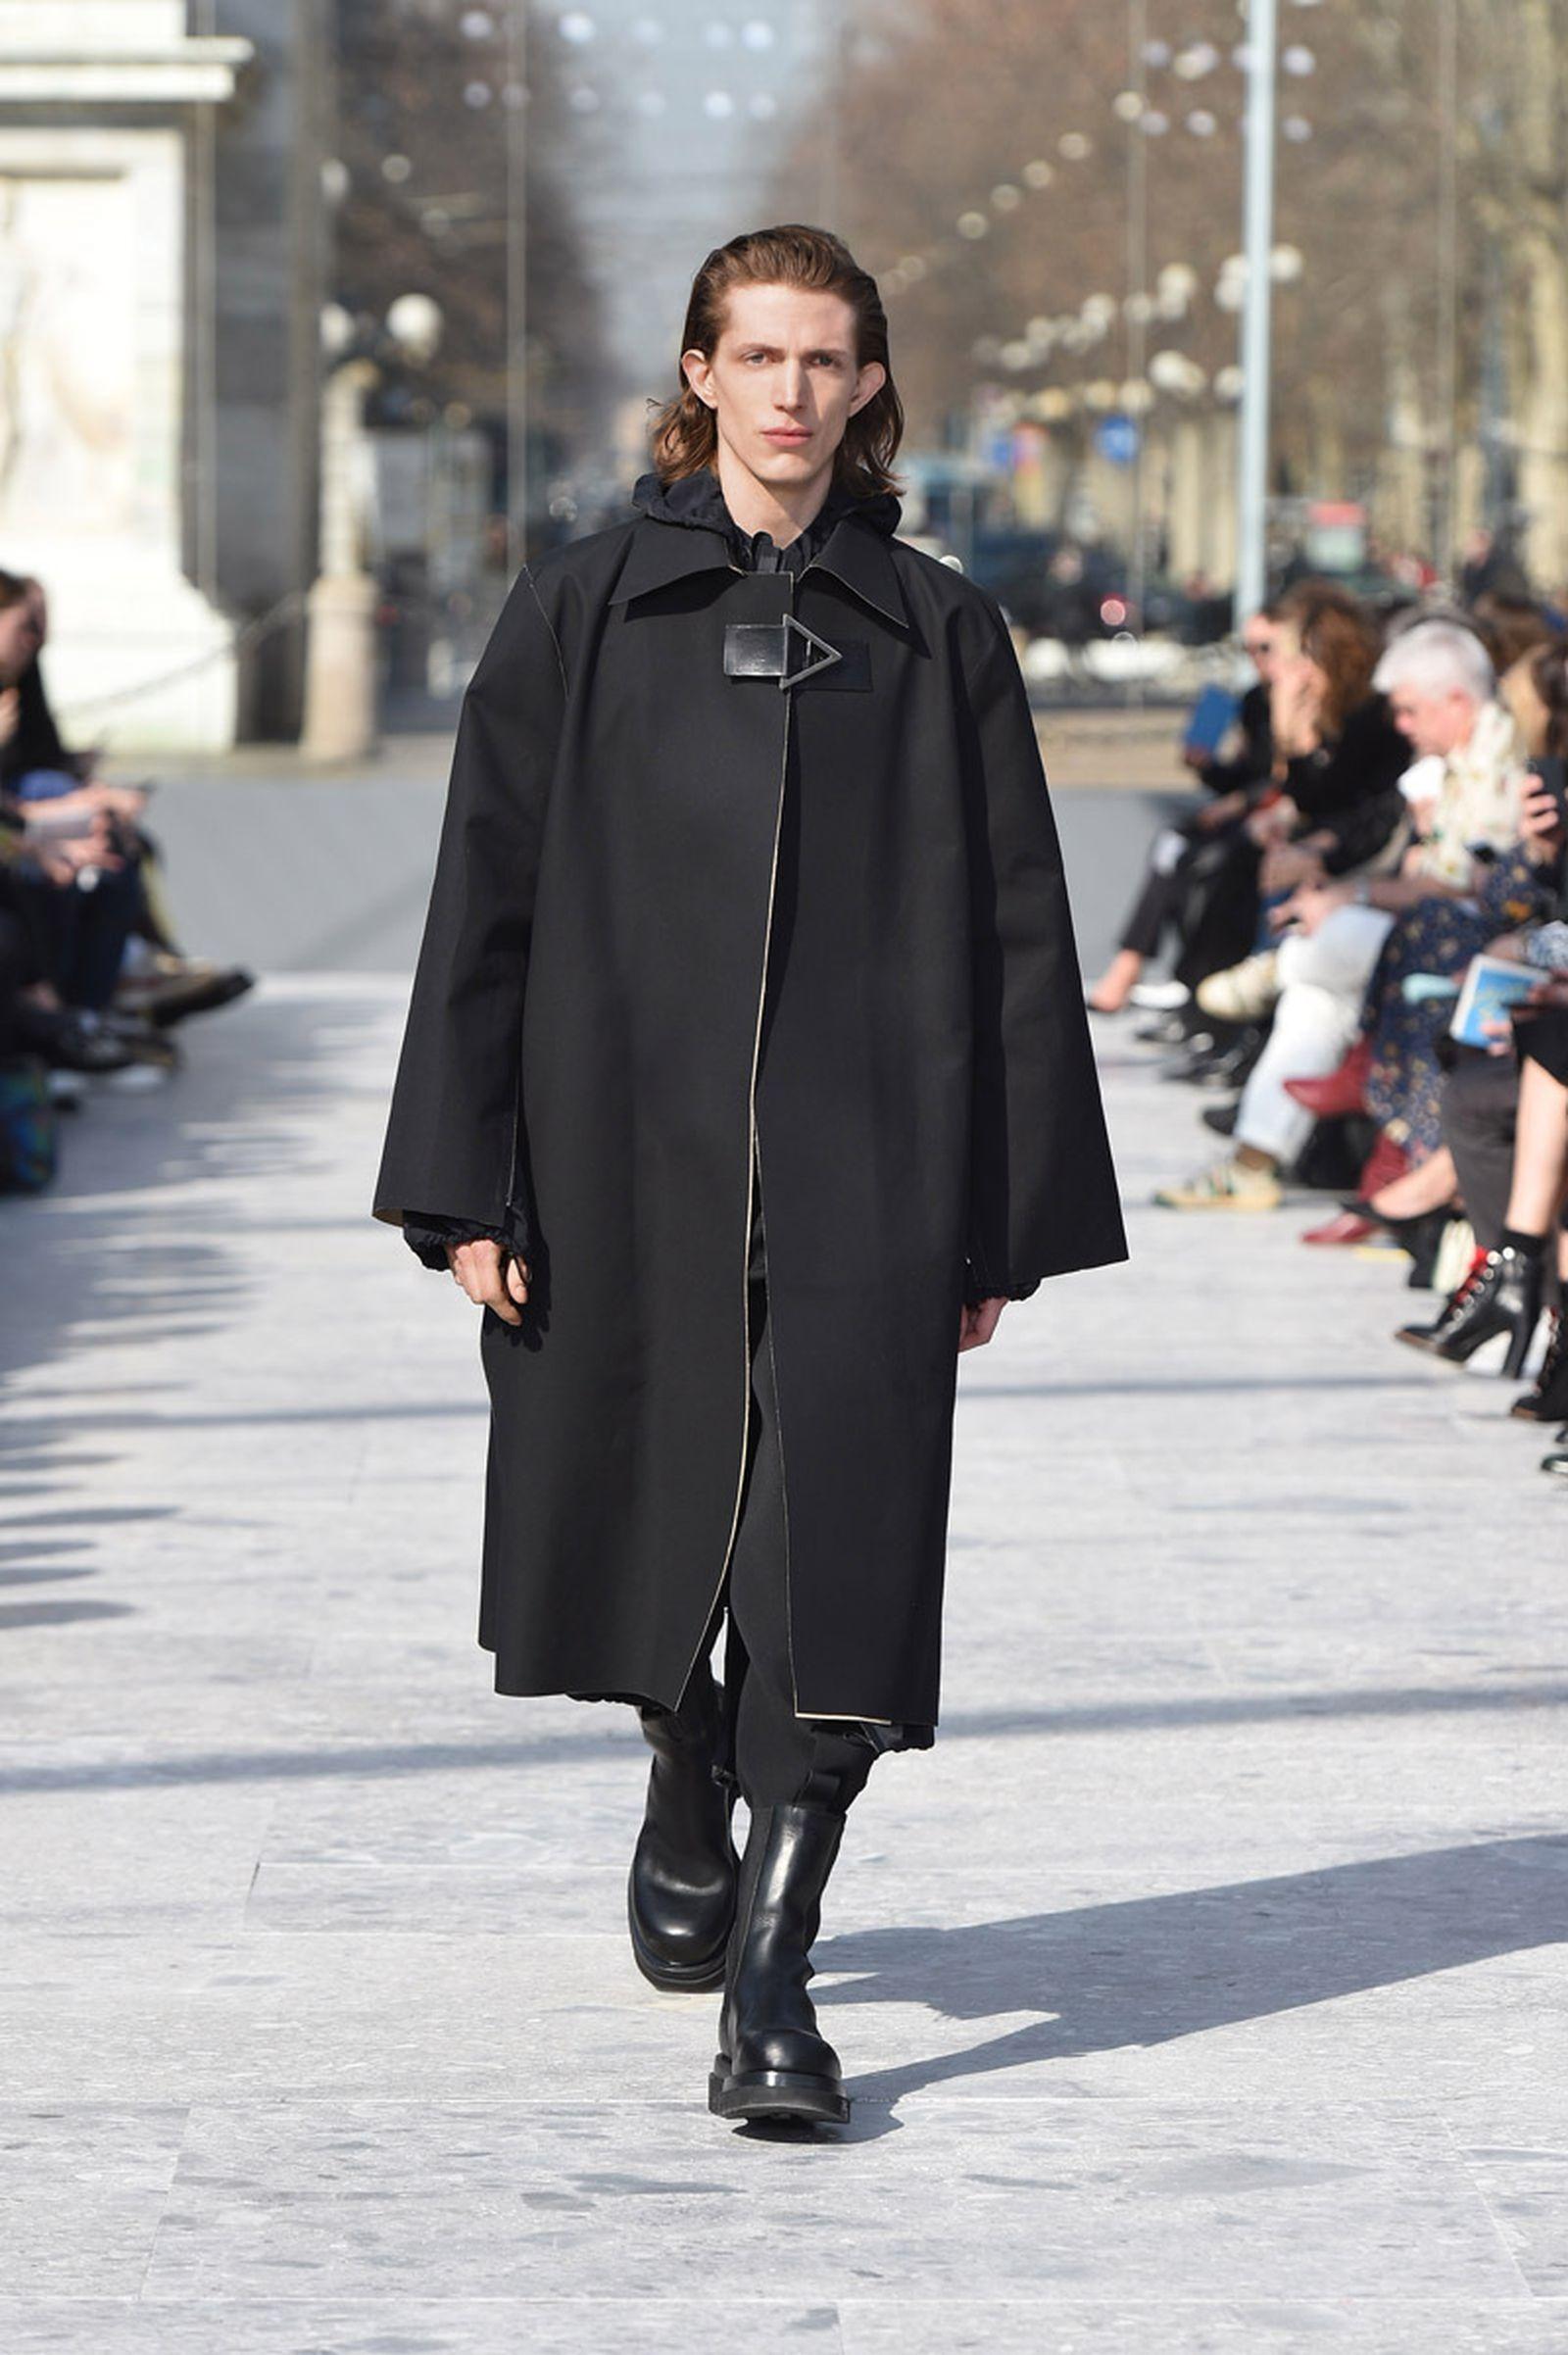 bottega-veneta-is-bringing-timeless-luxury-back-to-fashion-09